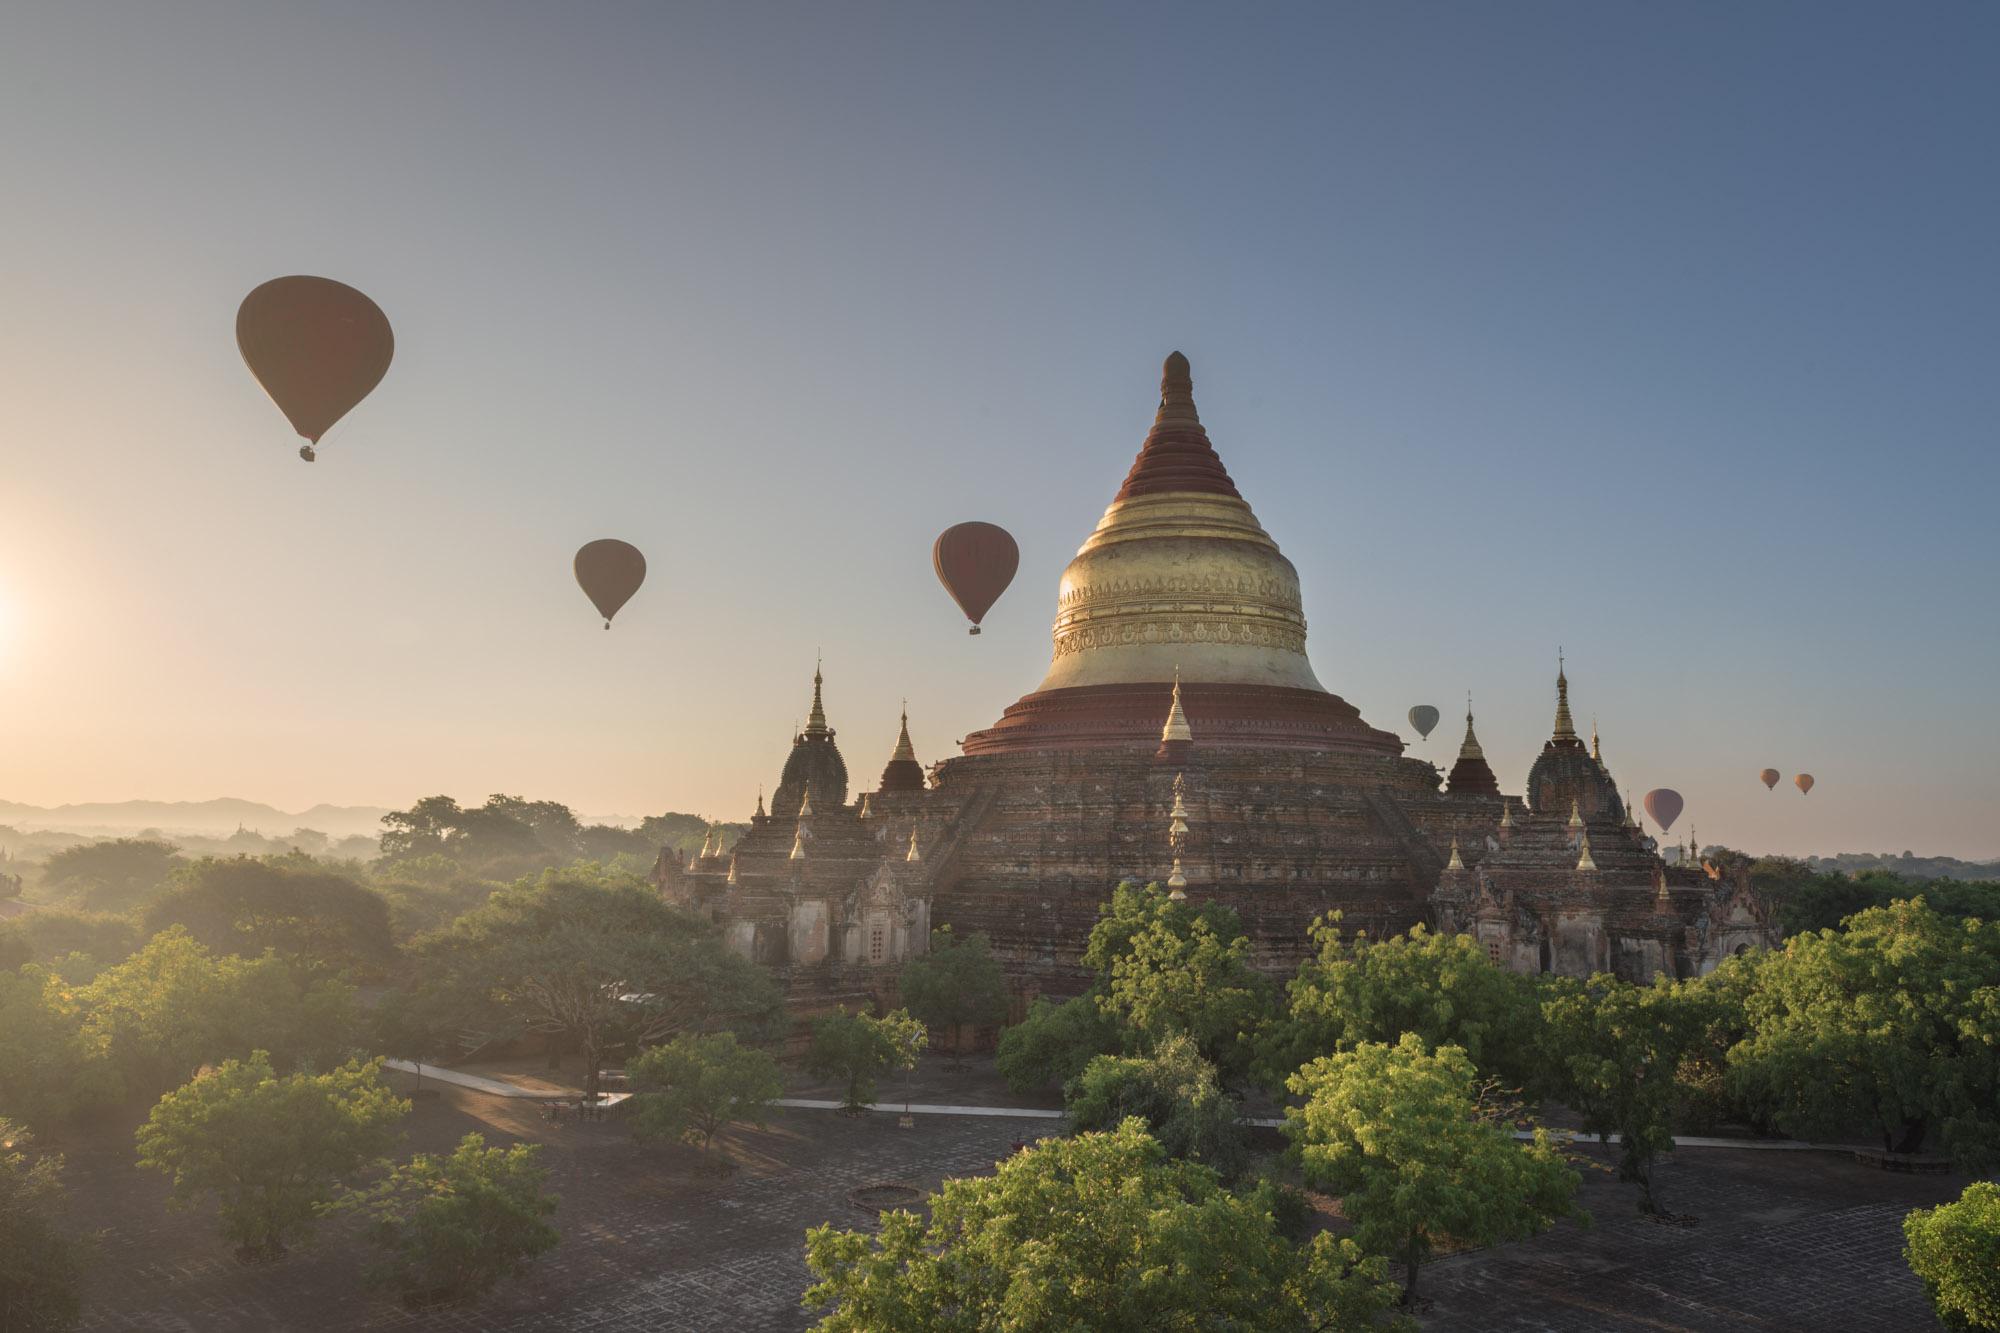 Dhammayazaka Pagoda, Bagan, Myanmar